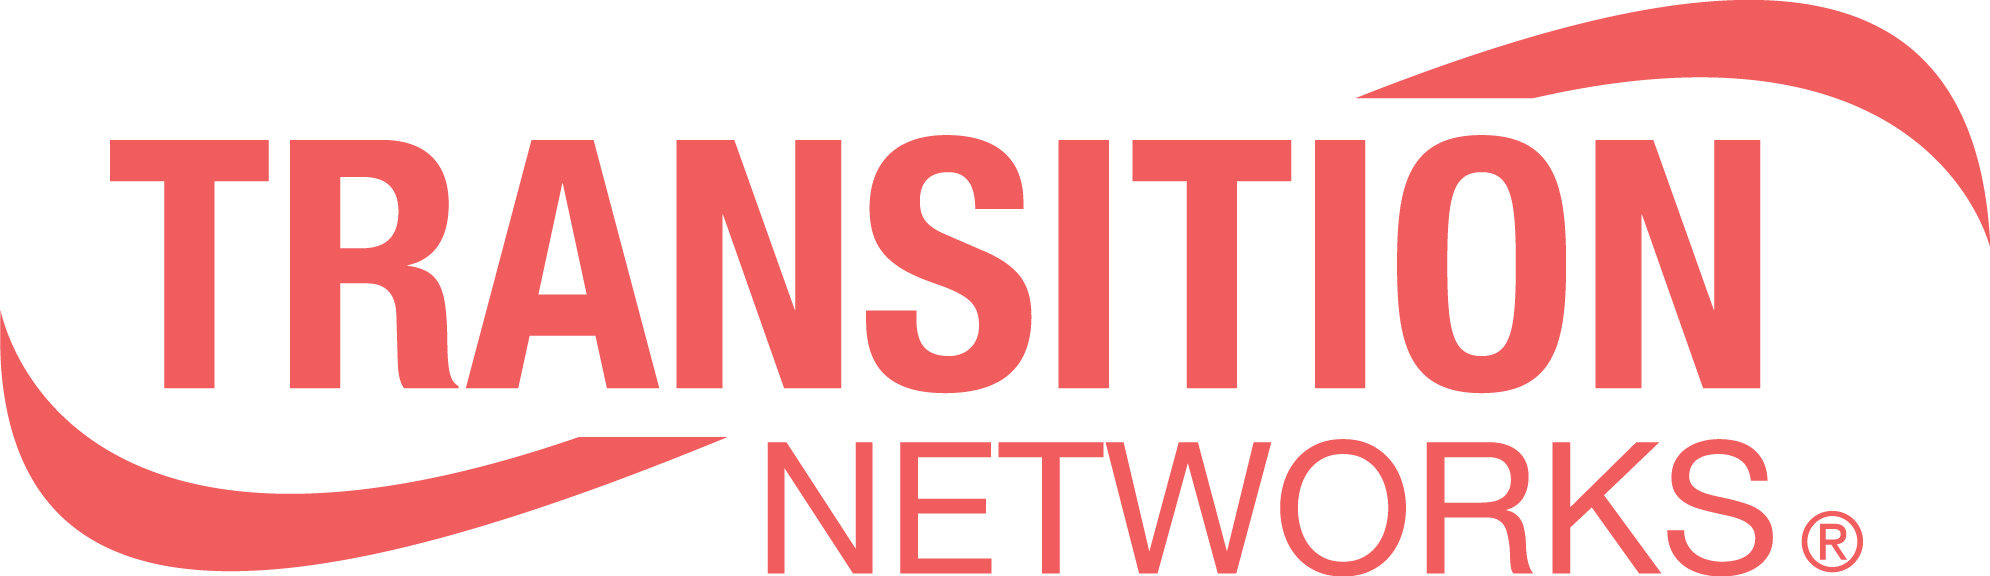 Networks Rack Mount for Network Equipment